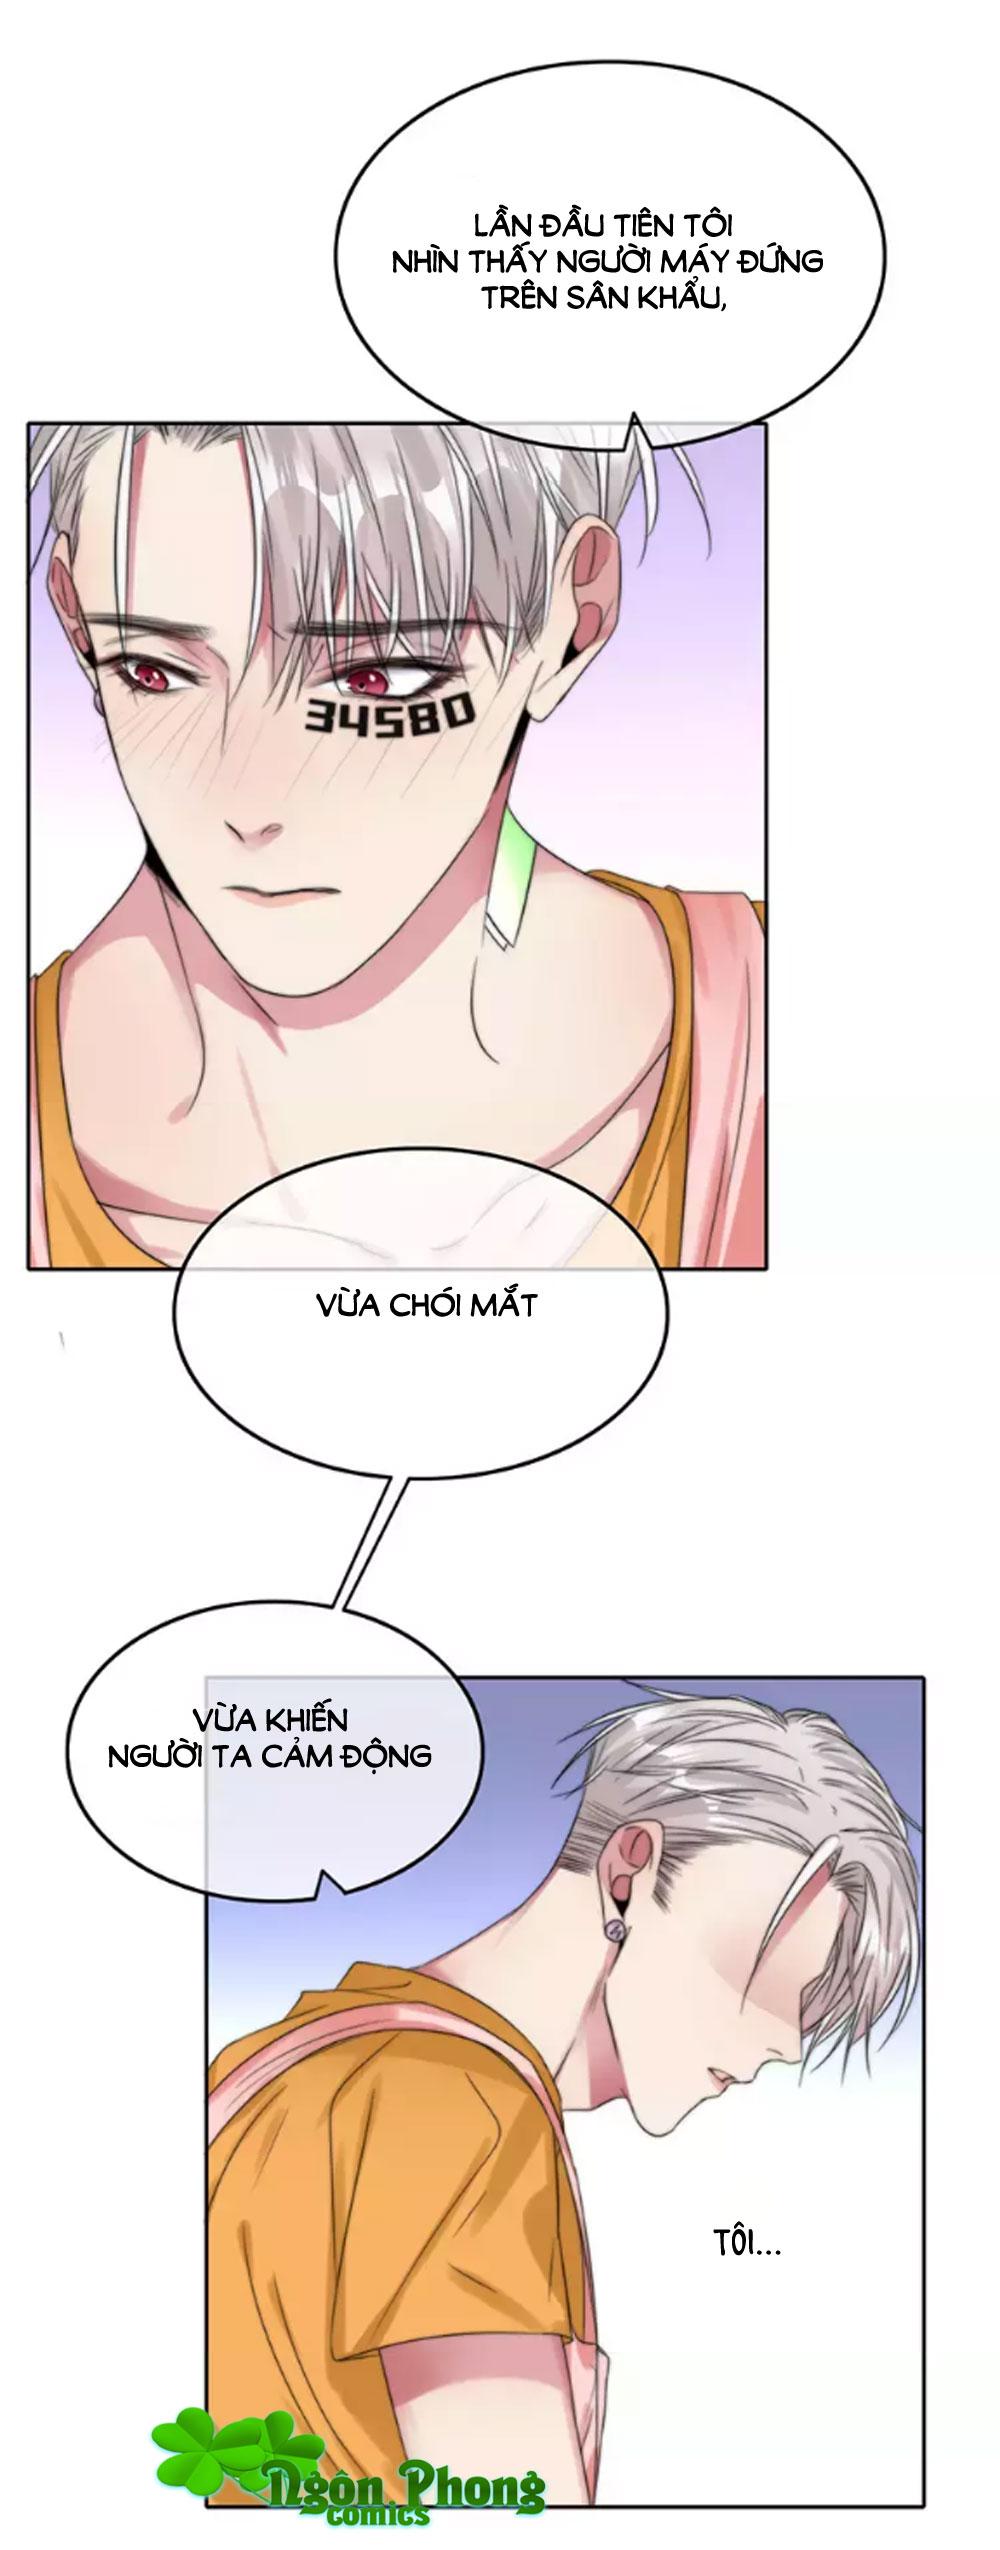 Fan Biến Thái Và Thần Tượng Xinh Đẹp chap 44 - Trang 5